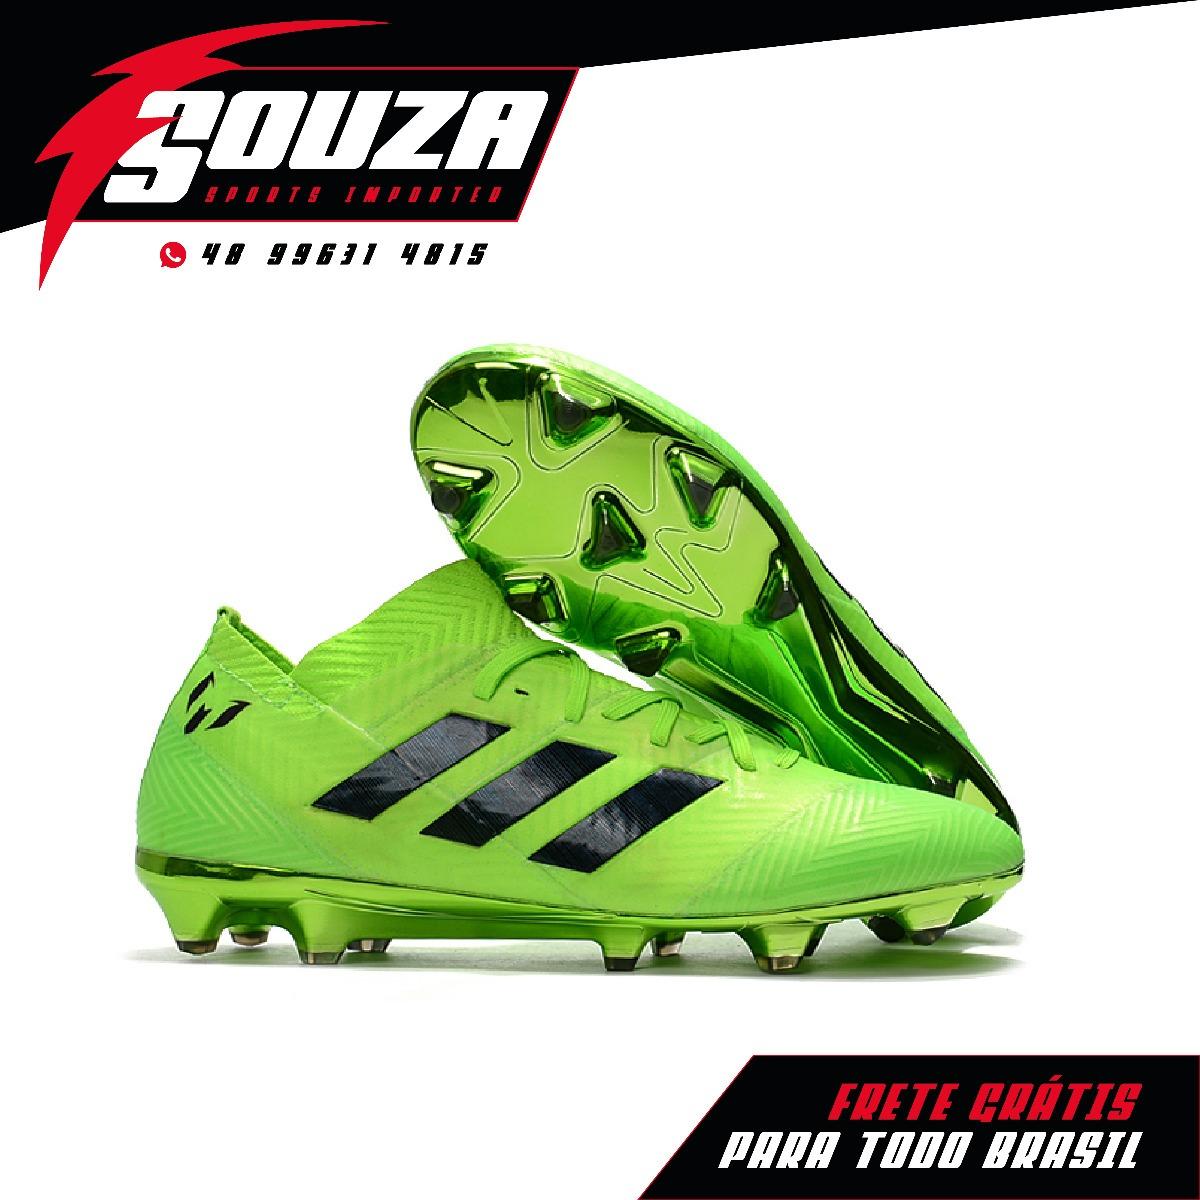 Promoção - Chuteira adidas Nemeziz 18.1 Fg - R  350 28498c69fd96f